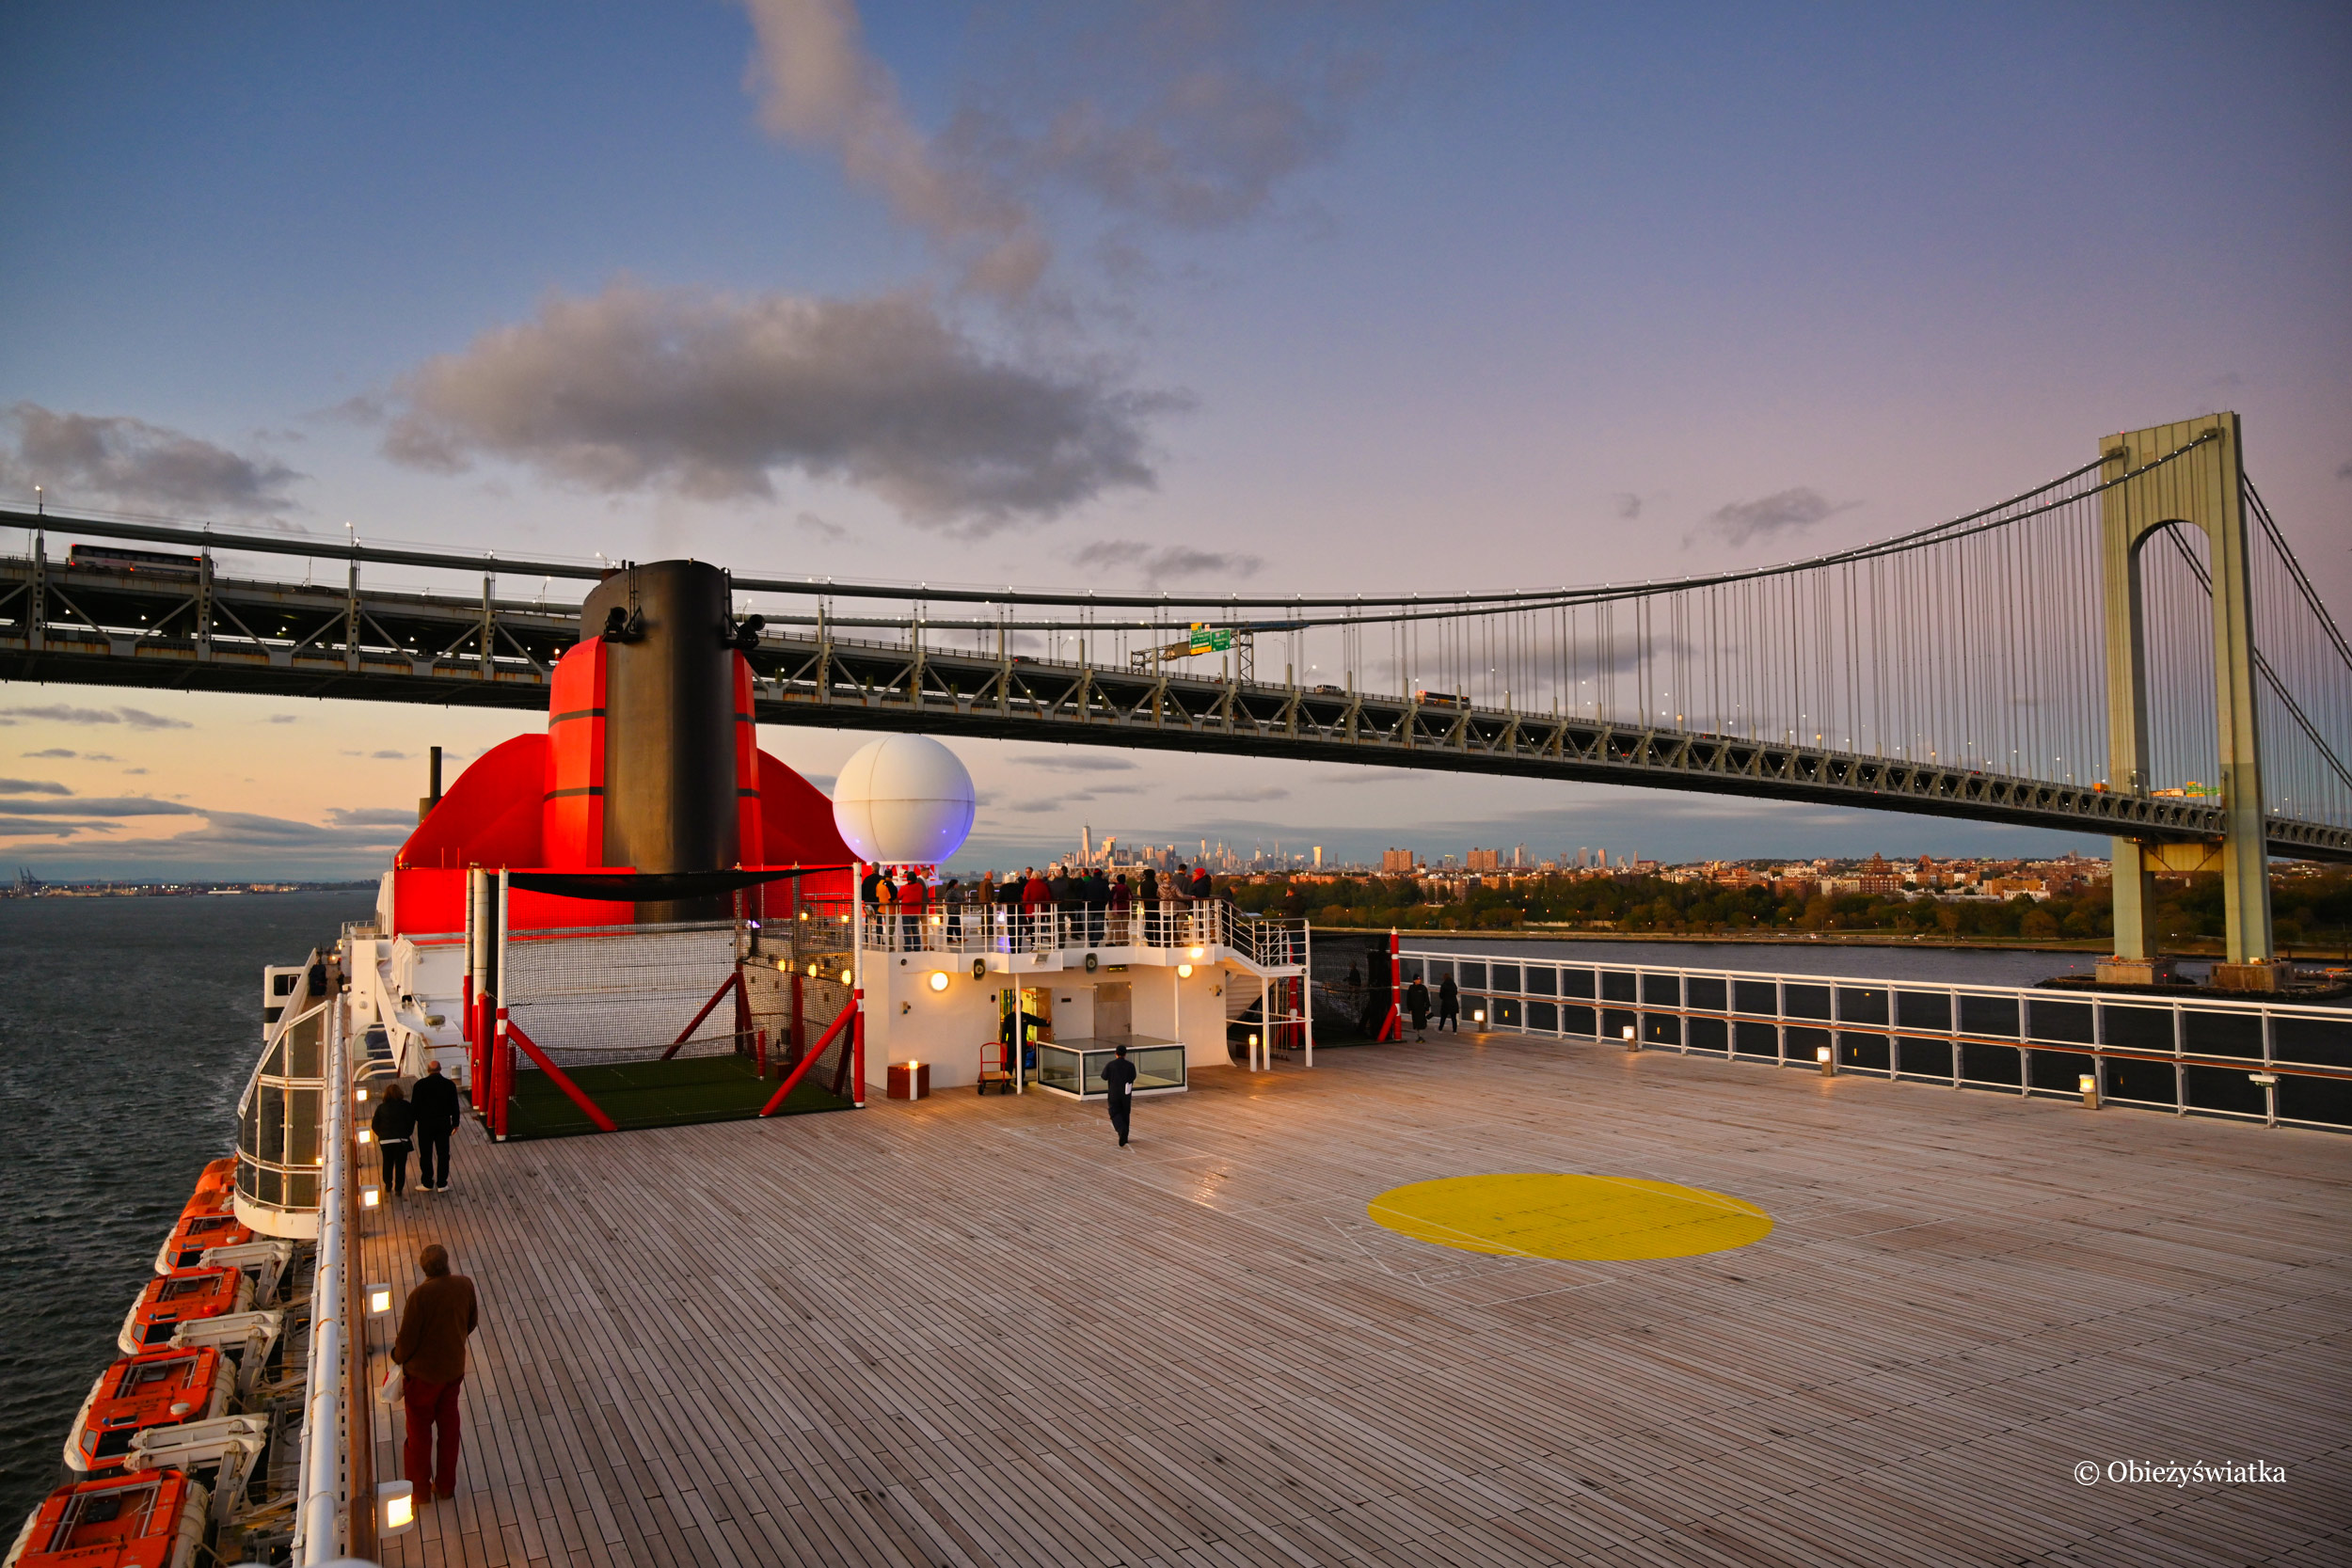 Queen Mary 2 i Most Verrazan-Narrows w Nowym Jorku, pod którym musi przepłynąć - za każdym razem boje się, że się nie zmieści ;)